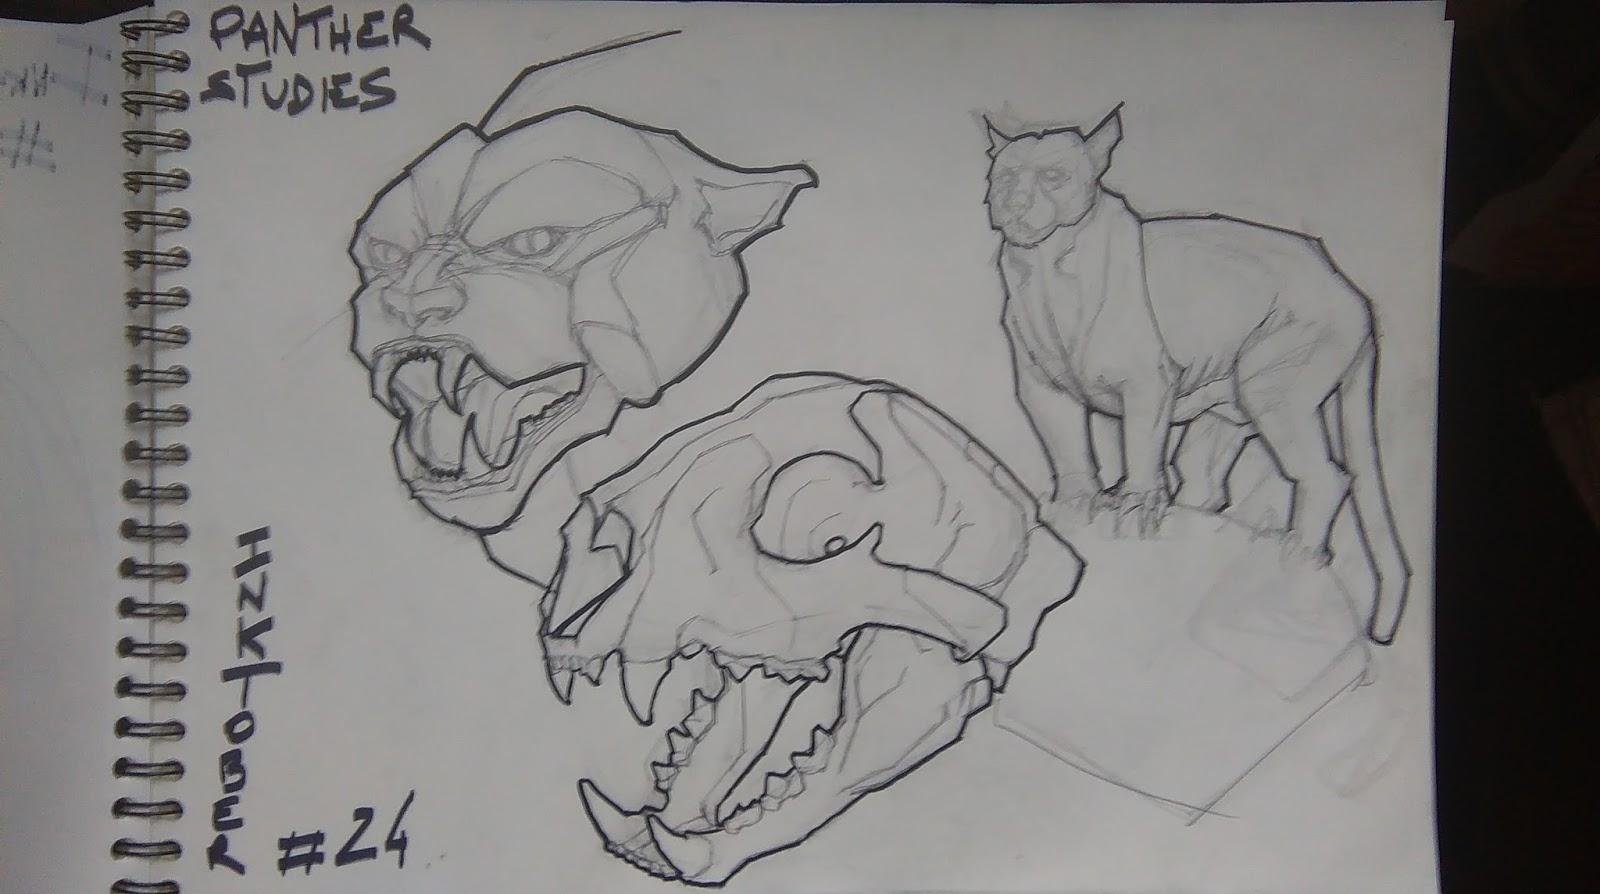 [SPOLYK] - Geometries & sketches 24